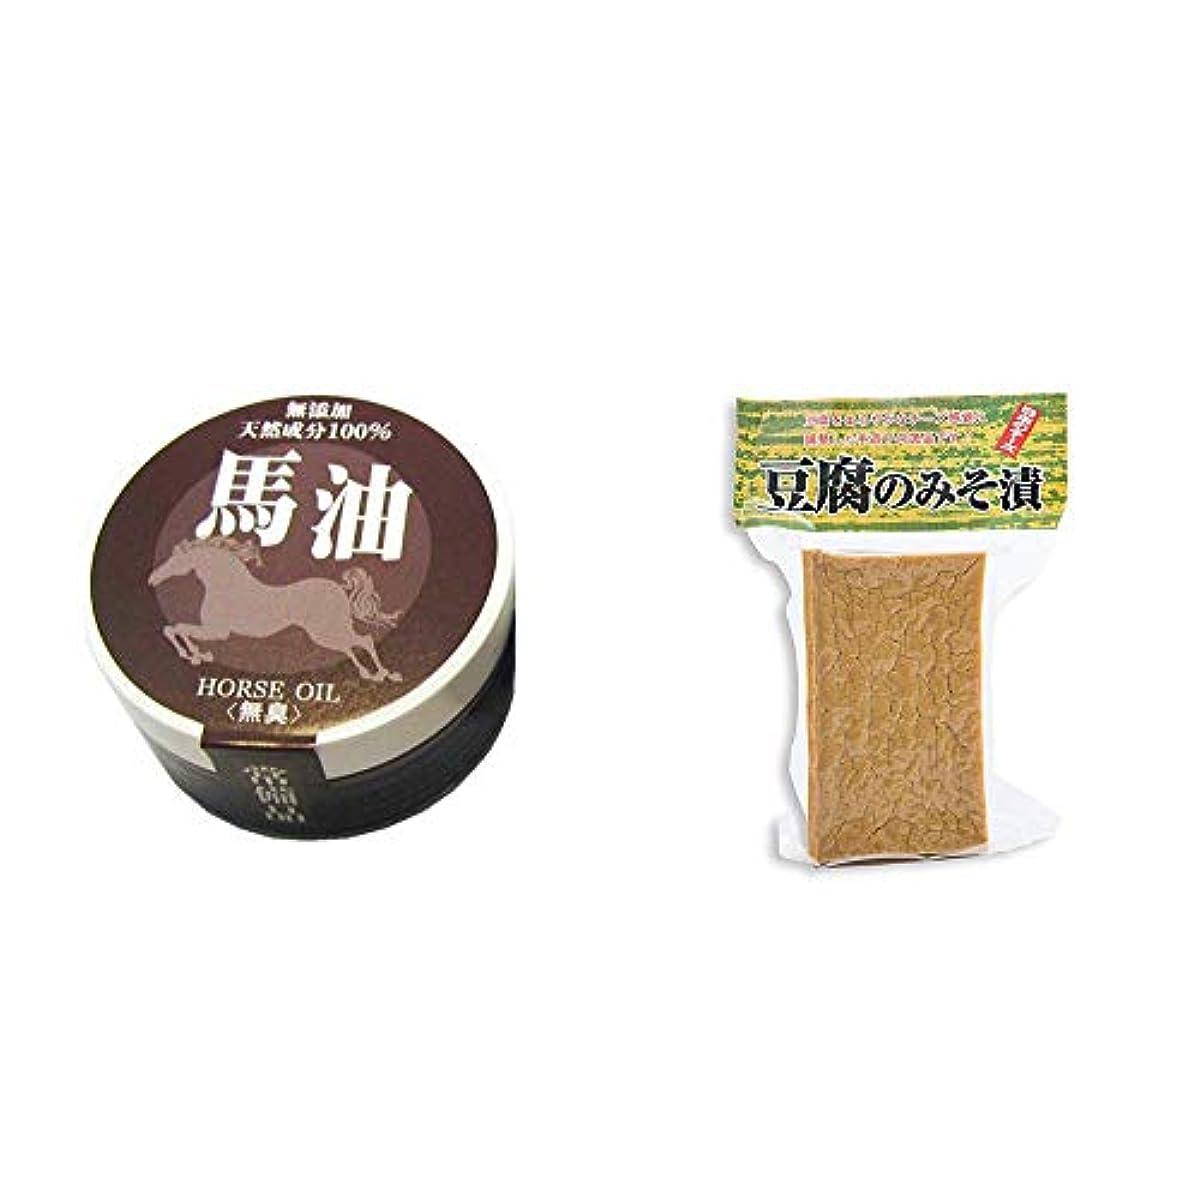 眠いですヘルシー未払い[2点セット] 無添加天然成分100% 馬油[無香料](38g)?日本のチーズ 豆腐のみそ漬(1個入)